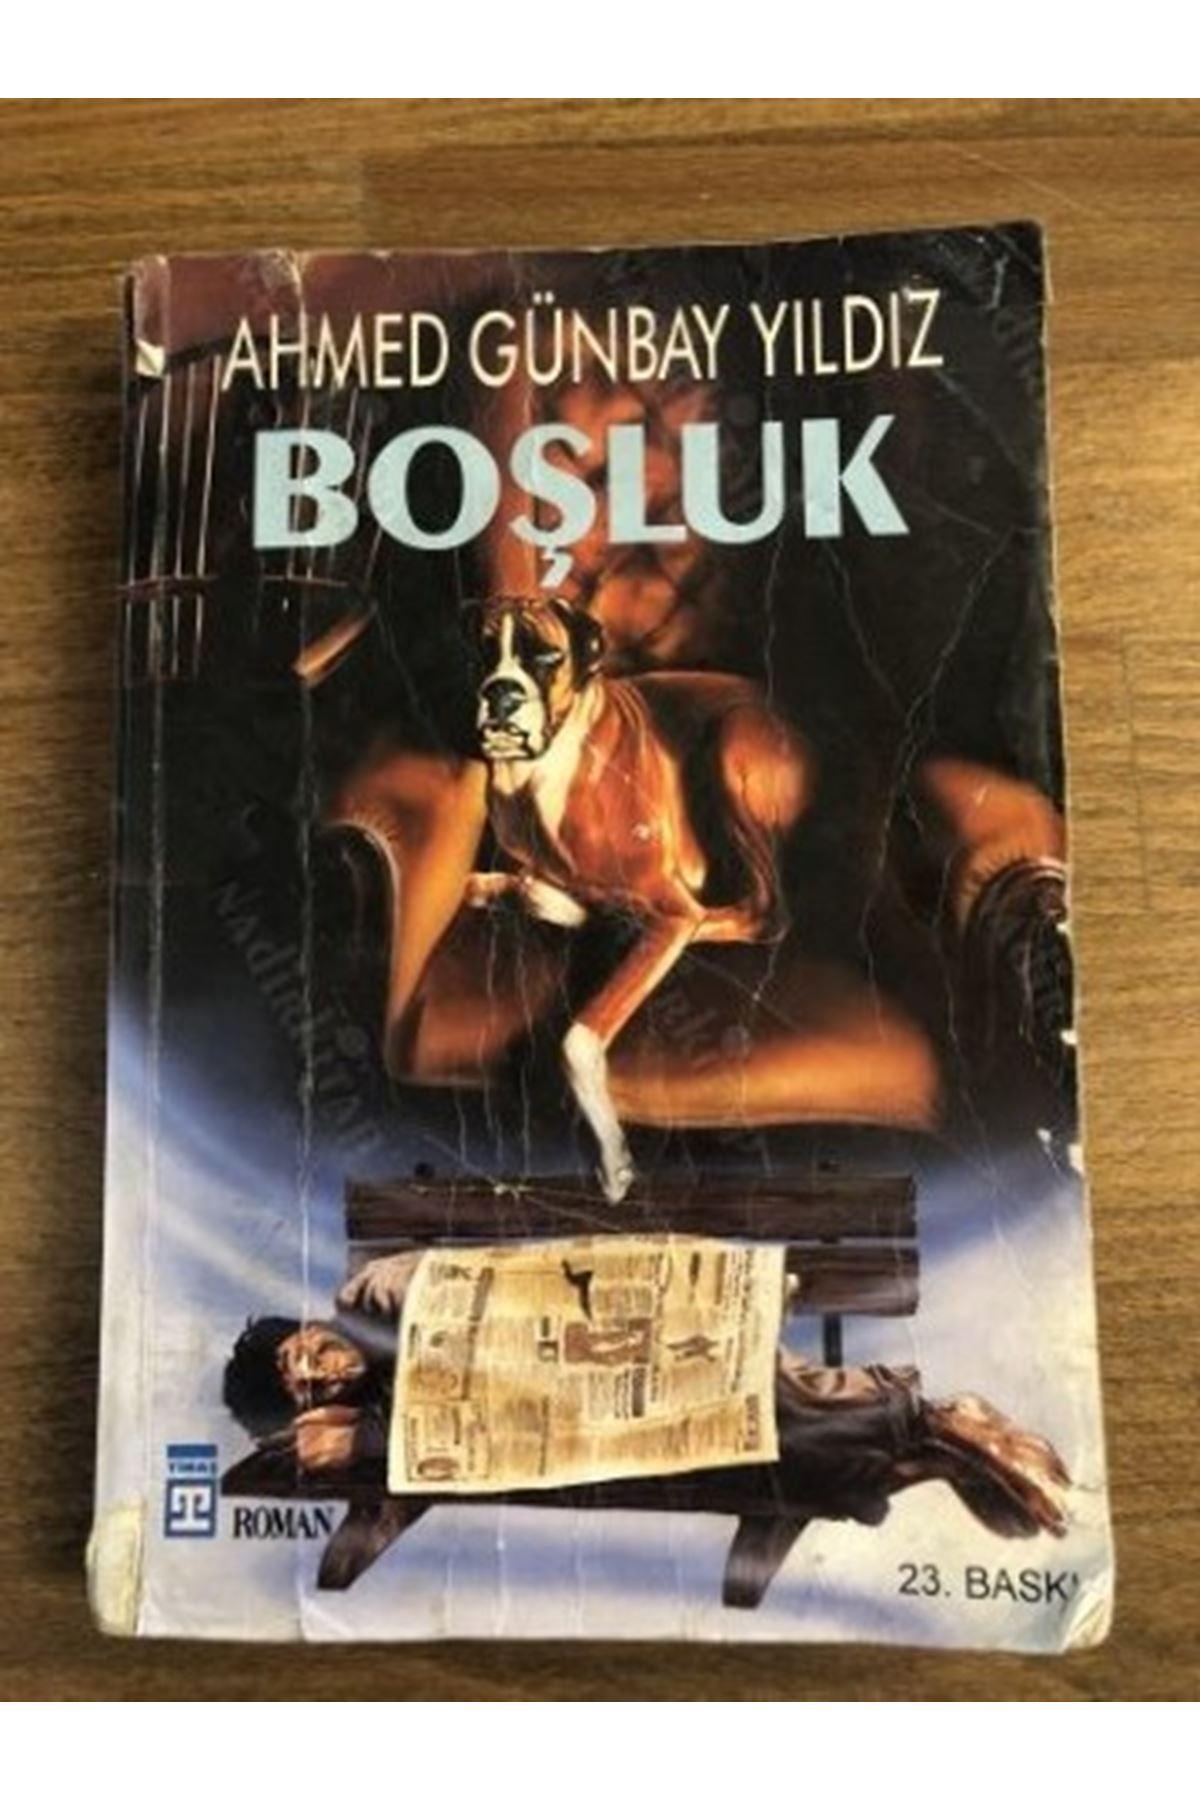 AHMED GÜNBAY YILDIZ - BOŞLUK